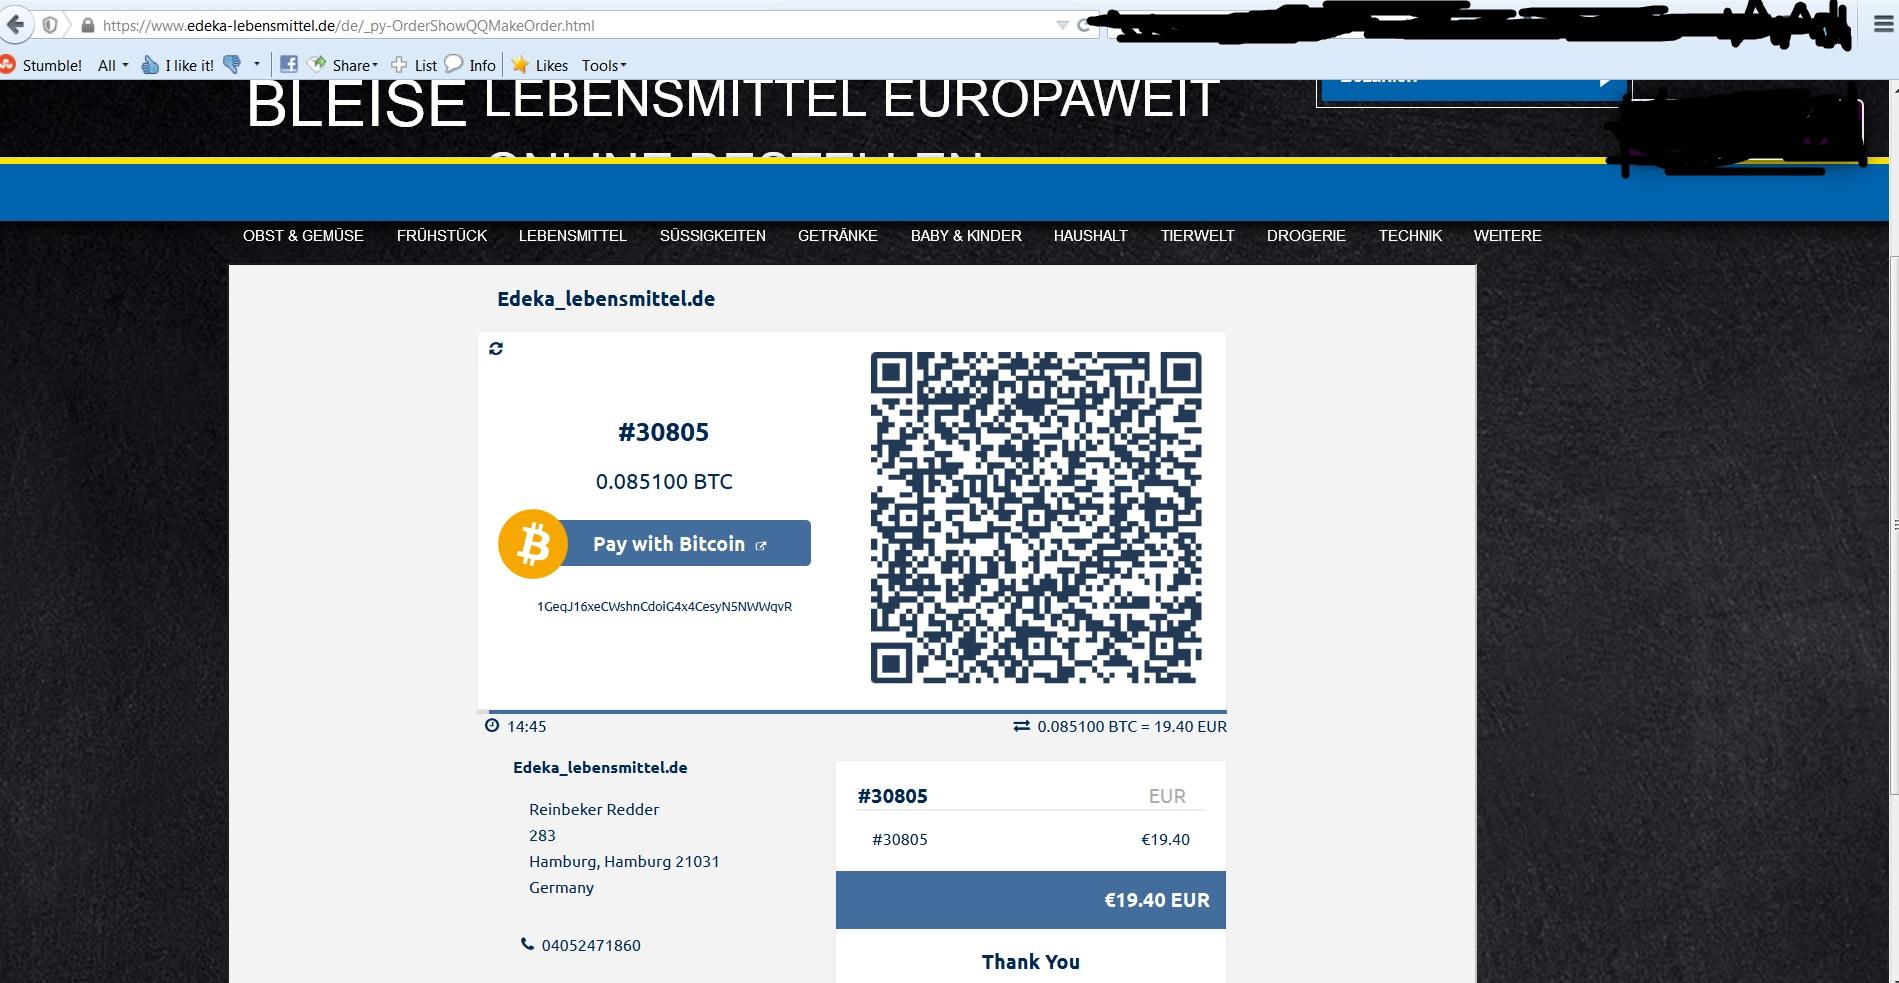 bitcoin-akzeptanzstelle-edeka-smallprices24.com